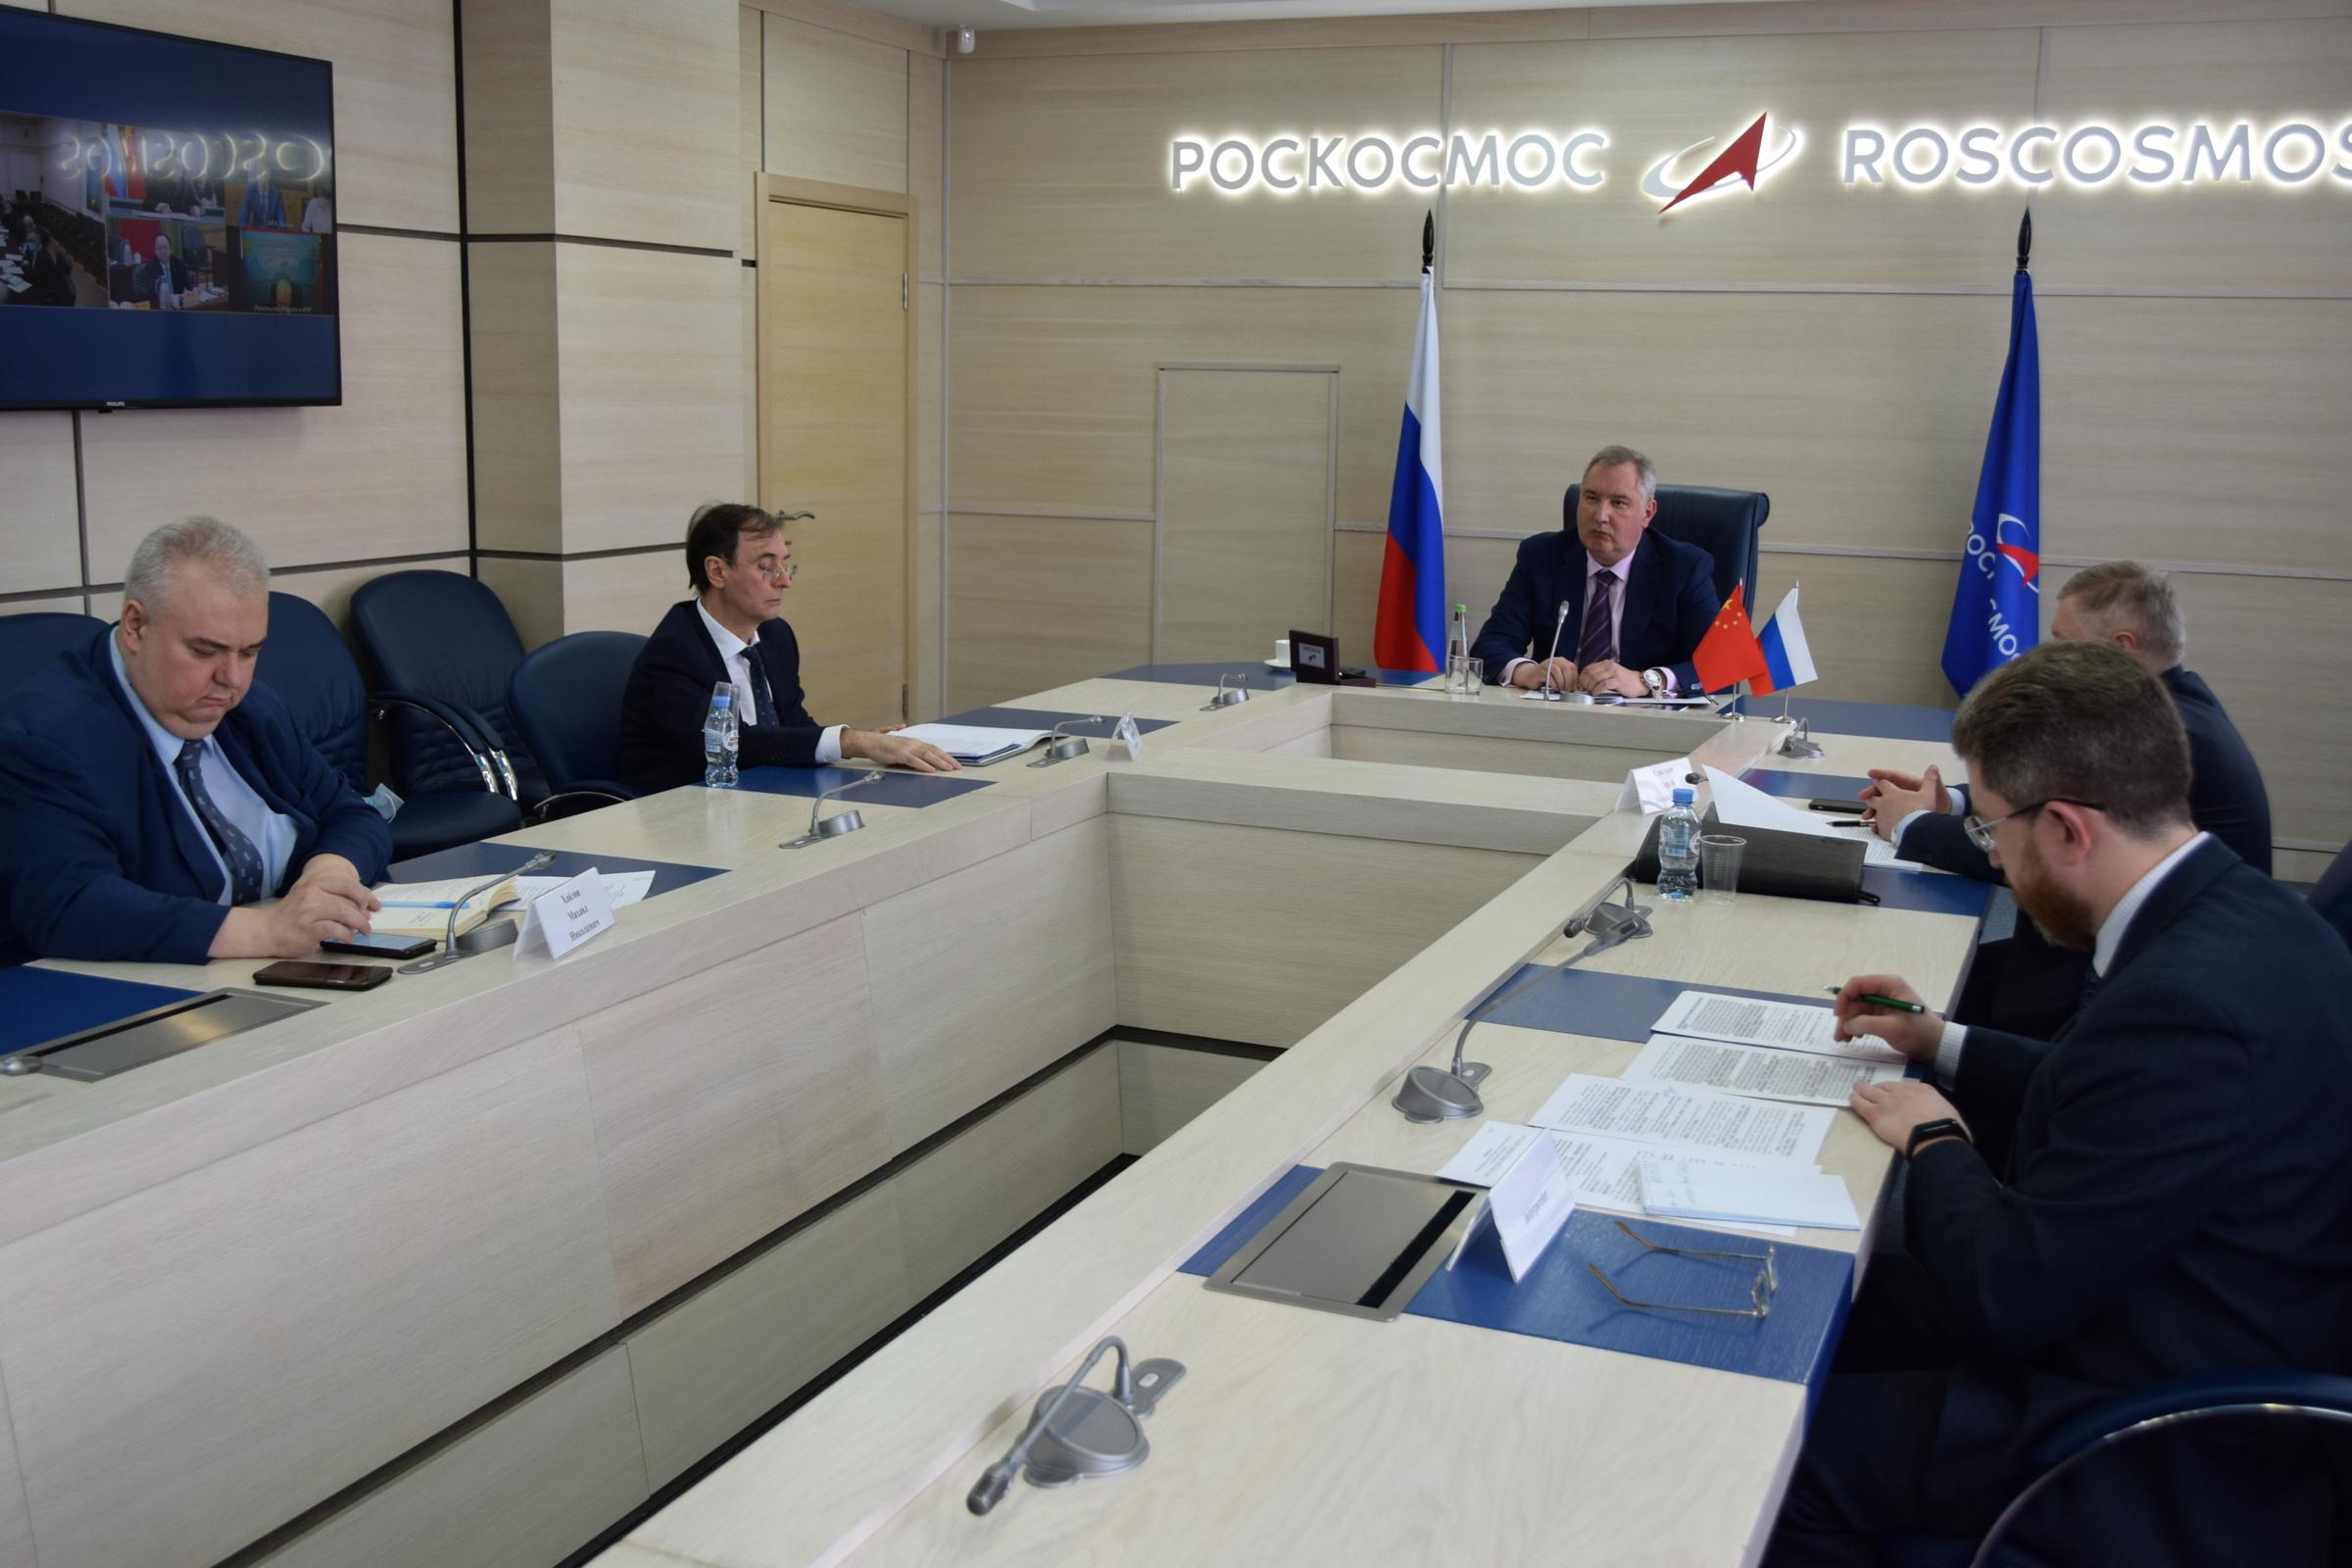 Фото © roscosmos.ru